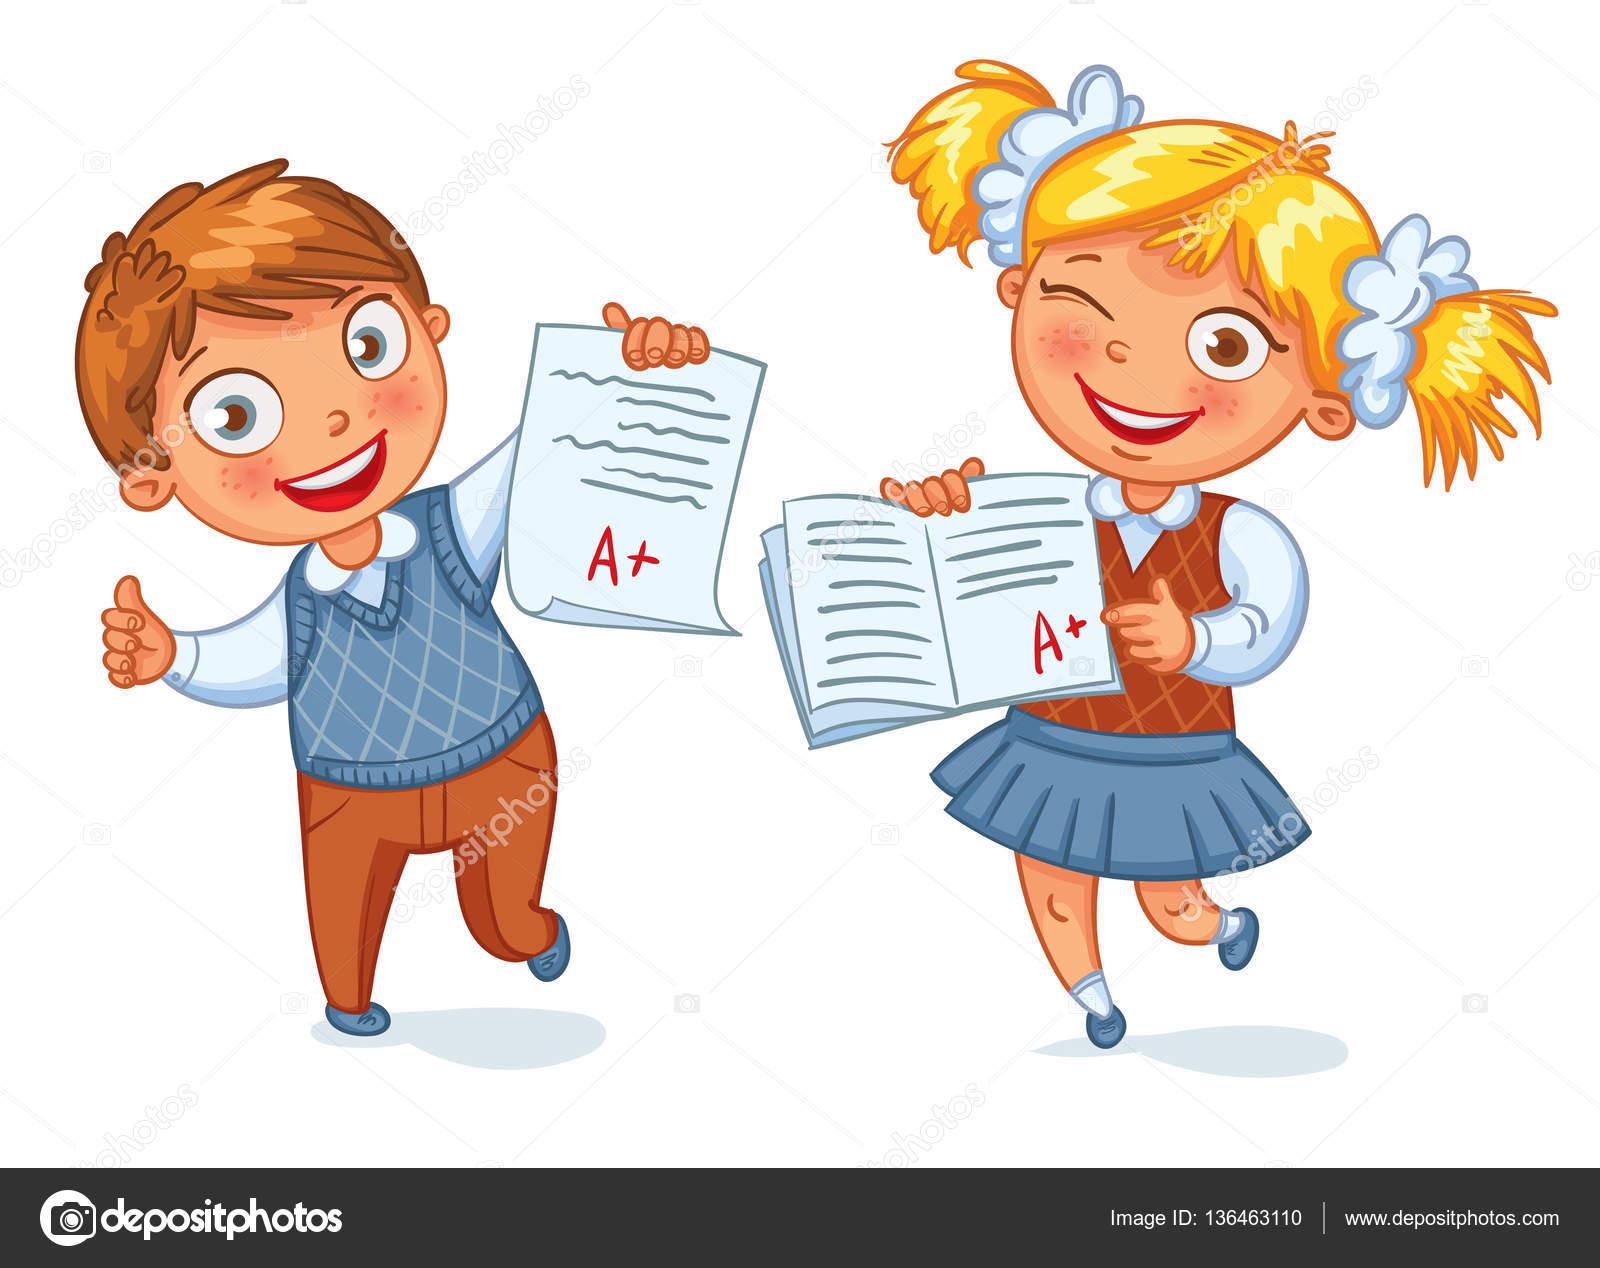 Imágenes: Animadas De Niños Dando Examen